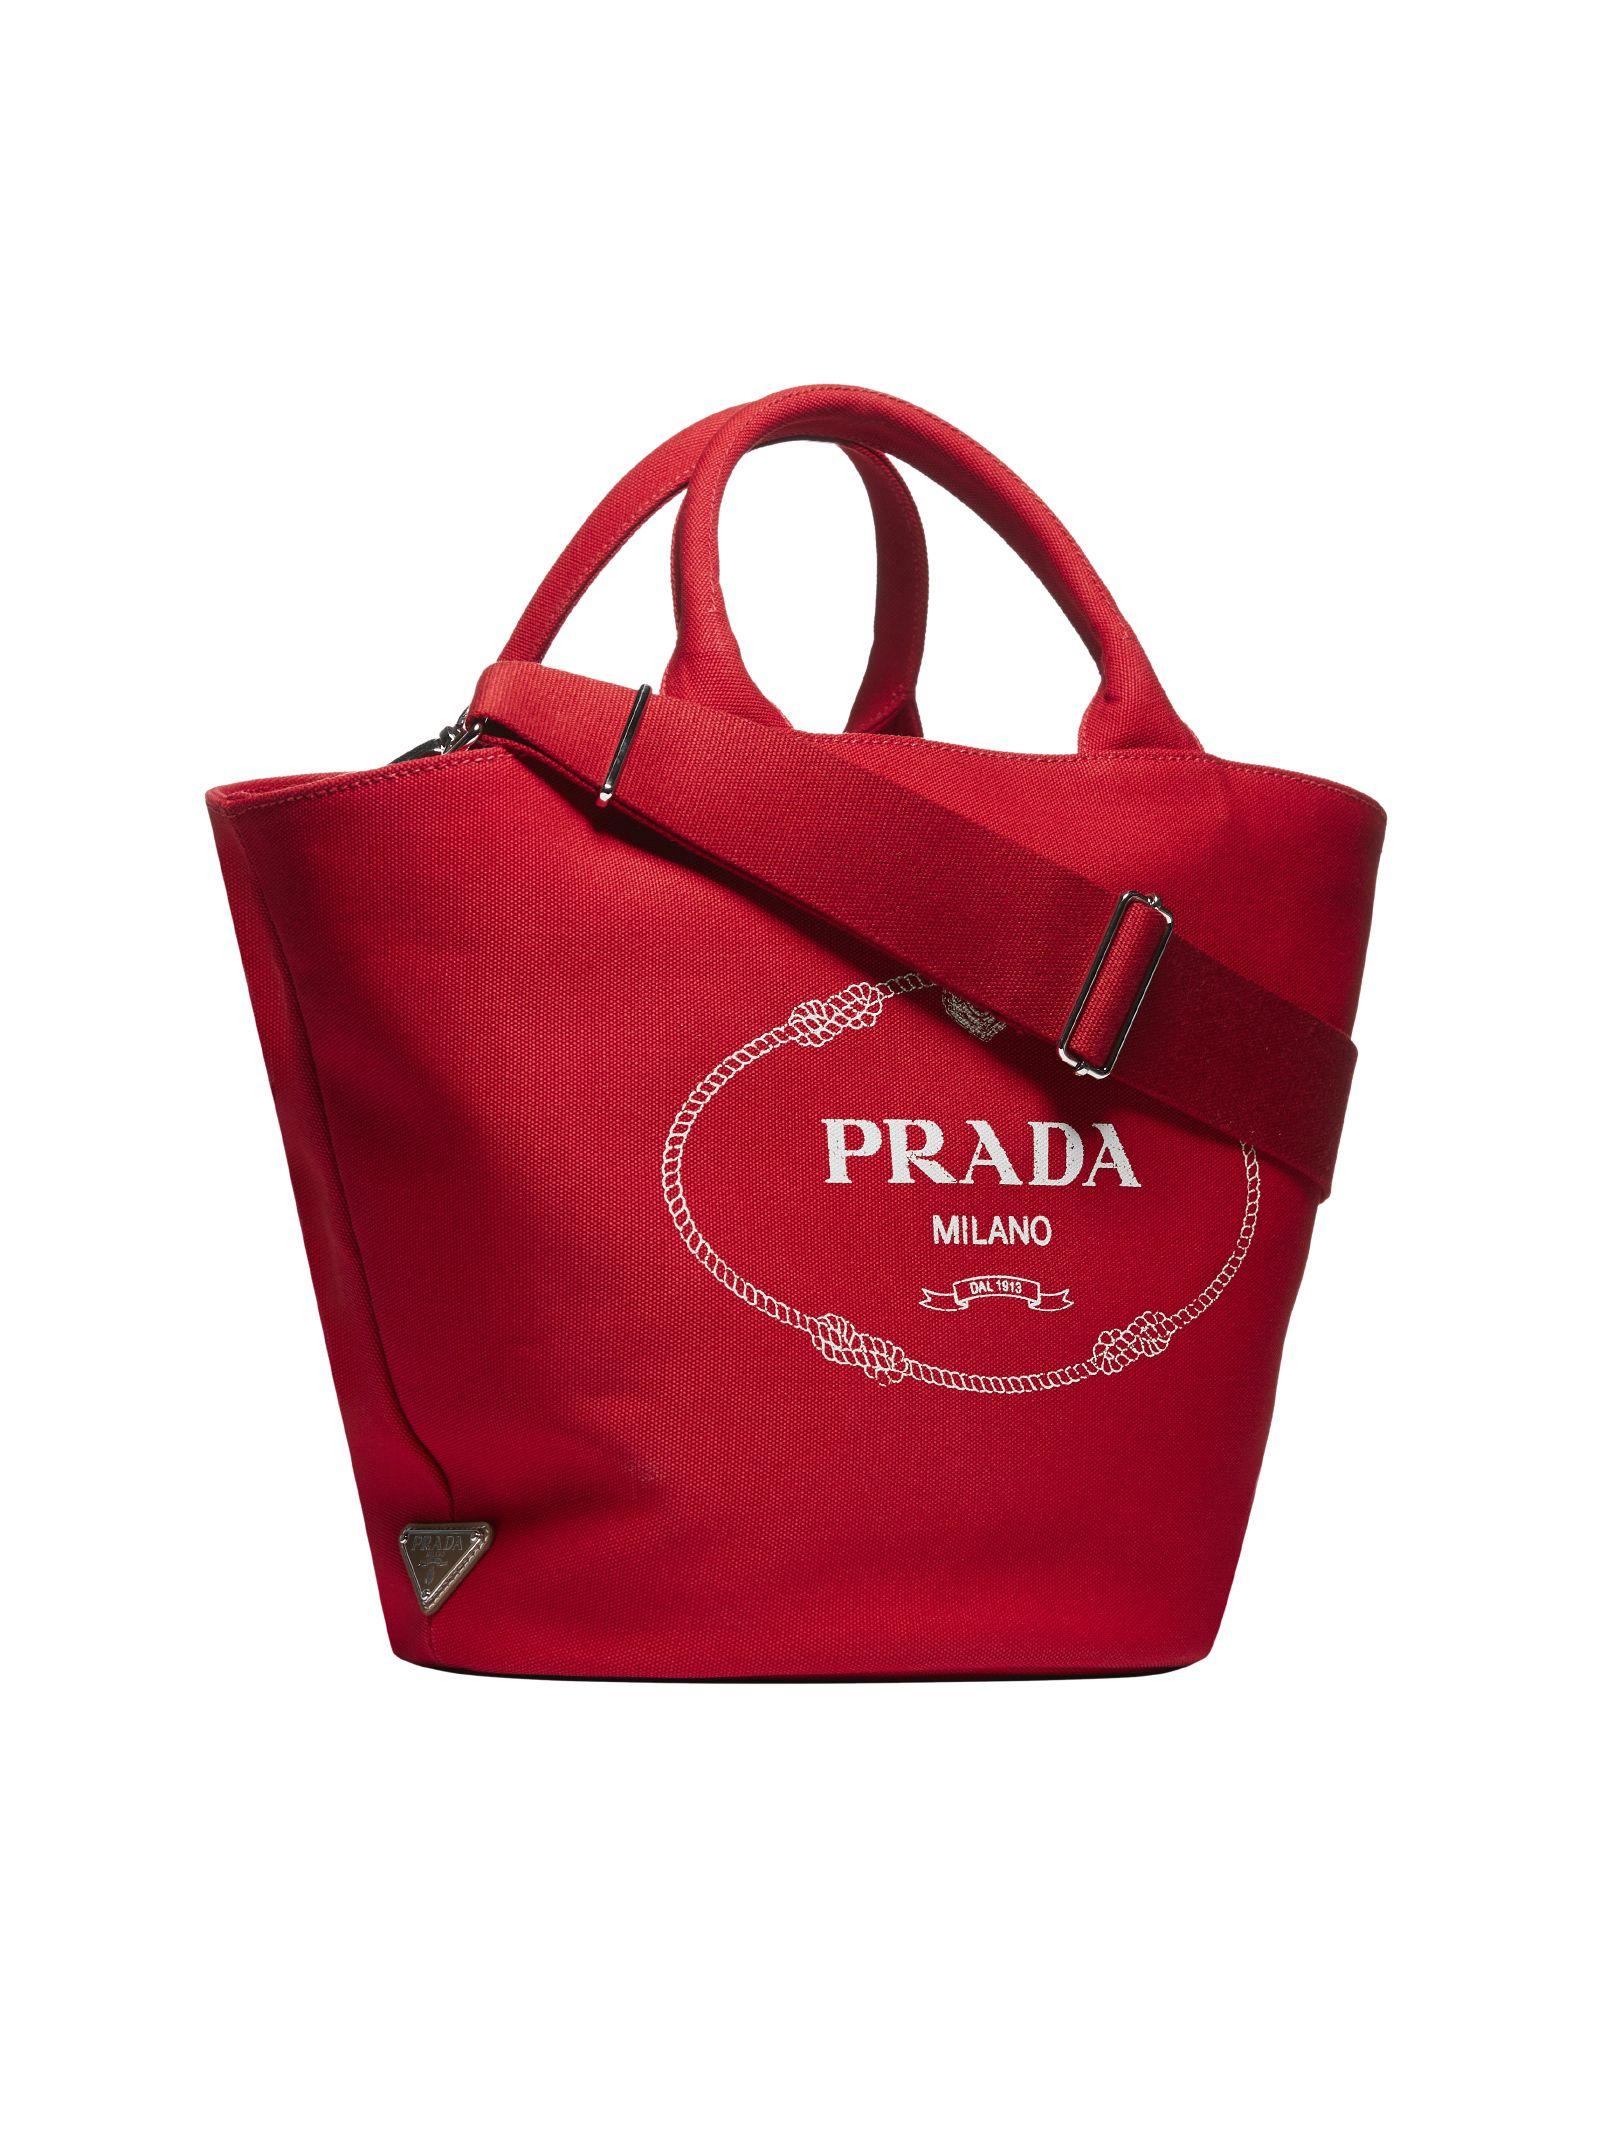 ec5858db72ef Prada Giardiniera Shopper Bag - Rosso Prada Giardiniera Shopper Bag - Rosso  ...